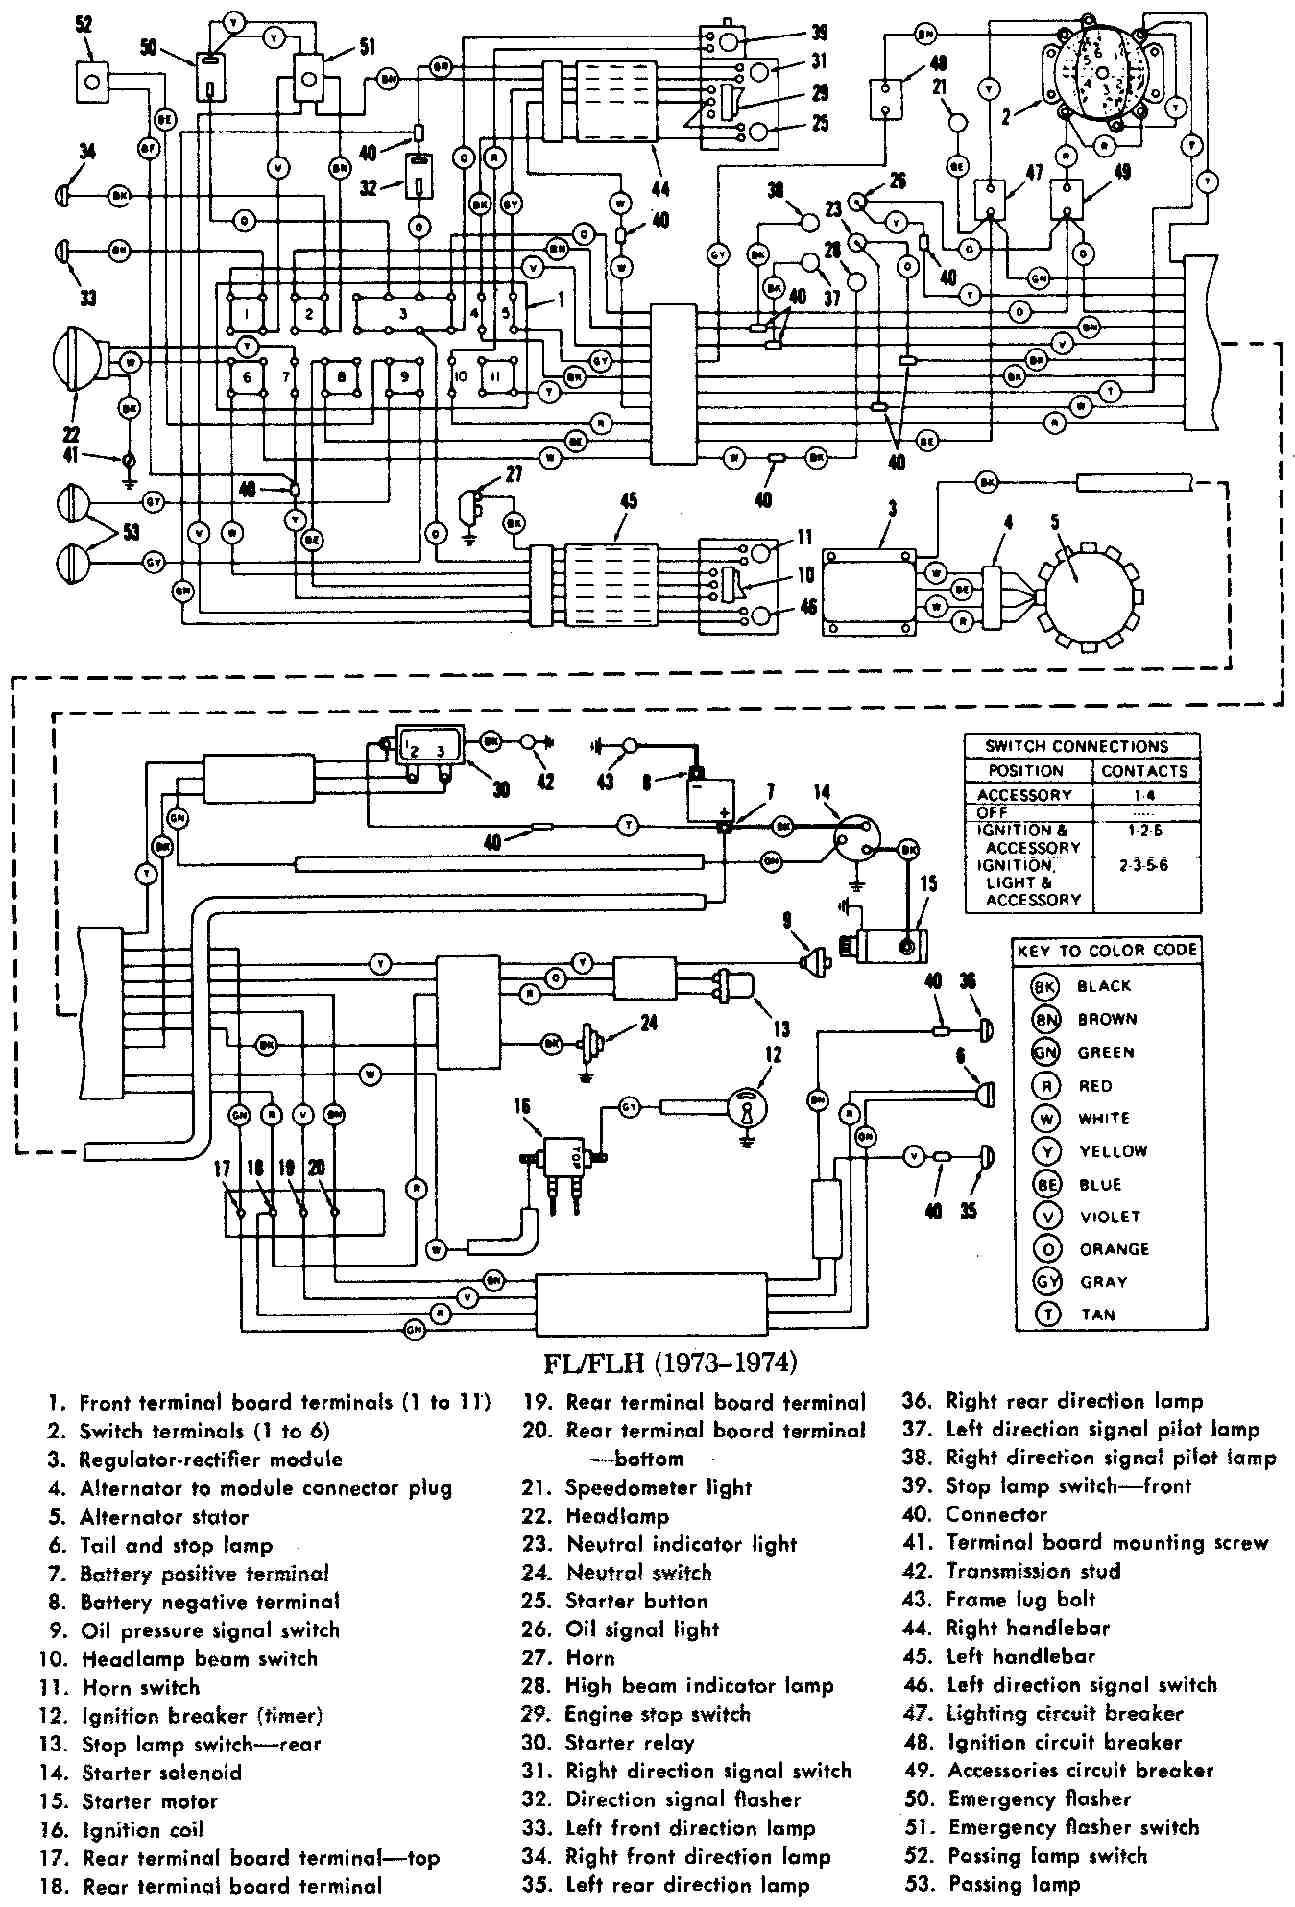 Harley Electra Glide Wiring Harness Diagram Library Harle Davidson Wires Detailed Schematics Rh Yogajourneymd Com